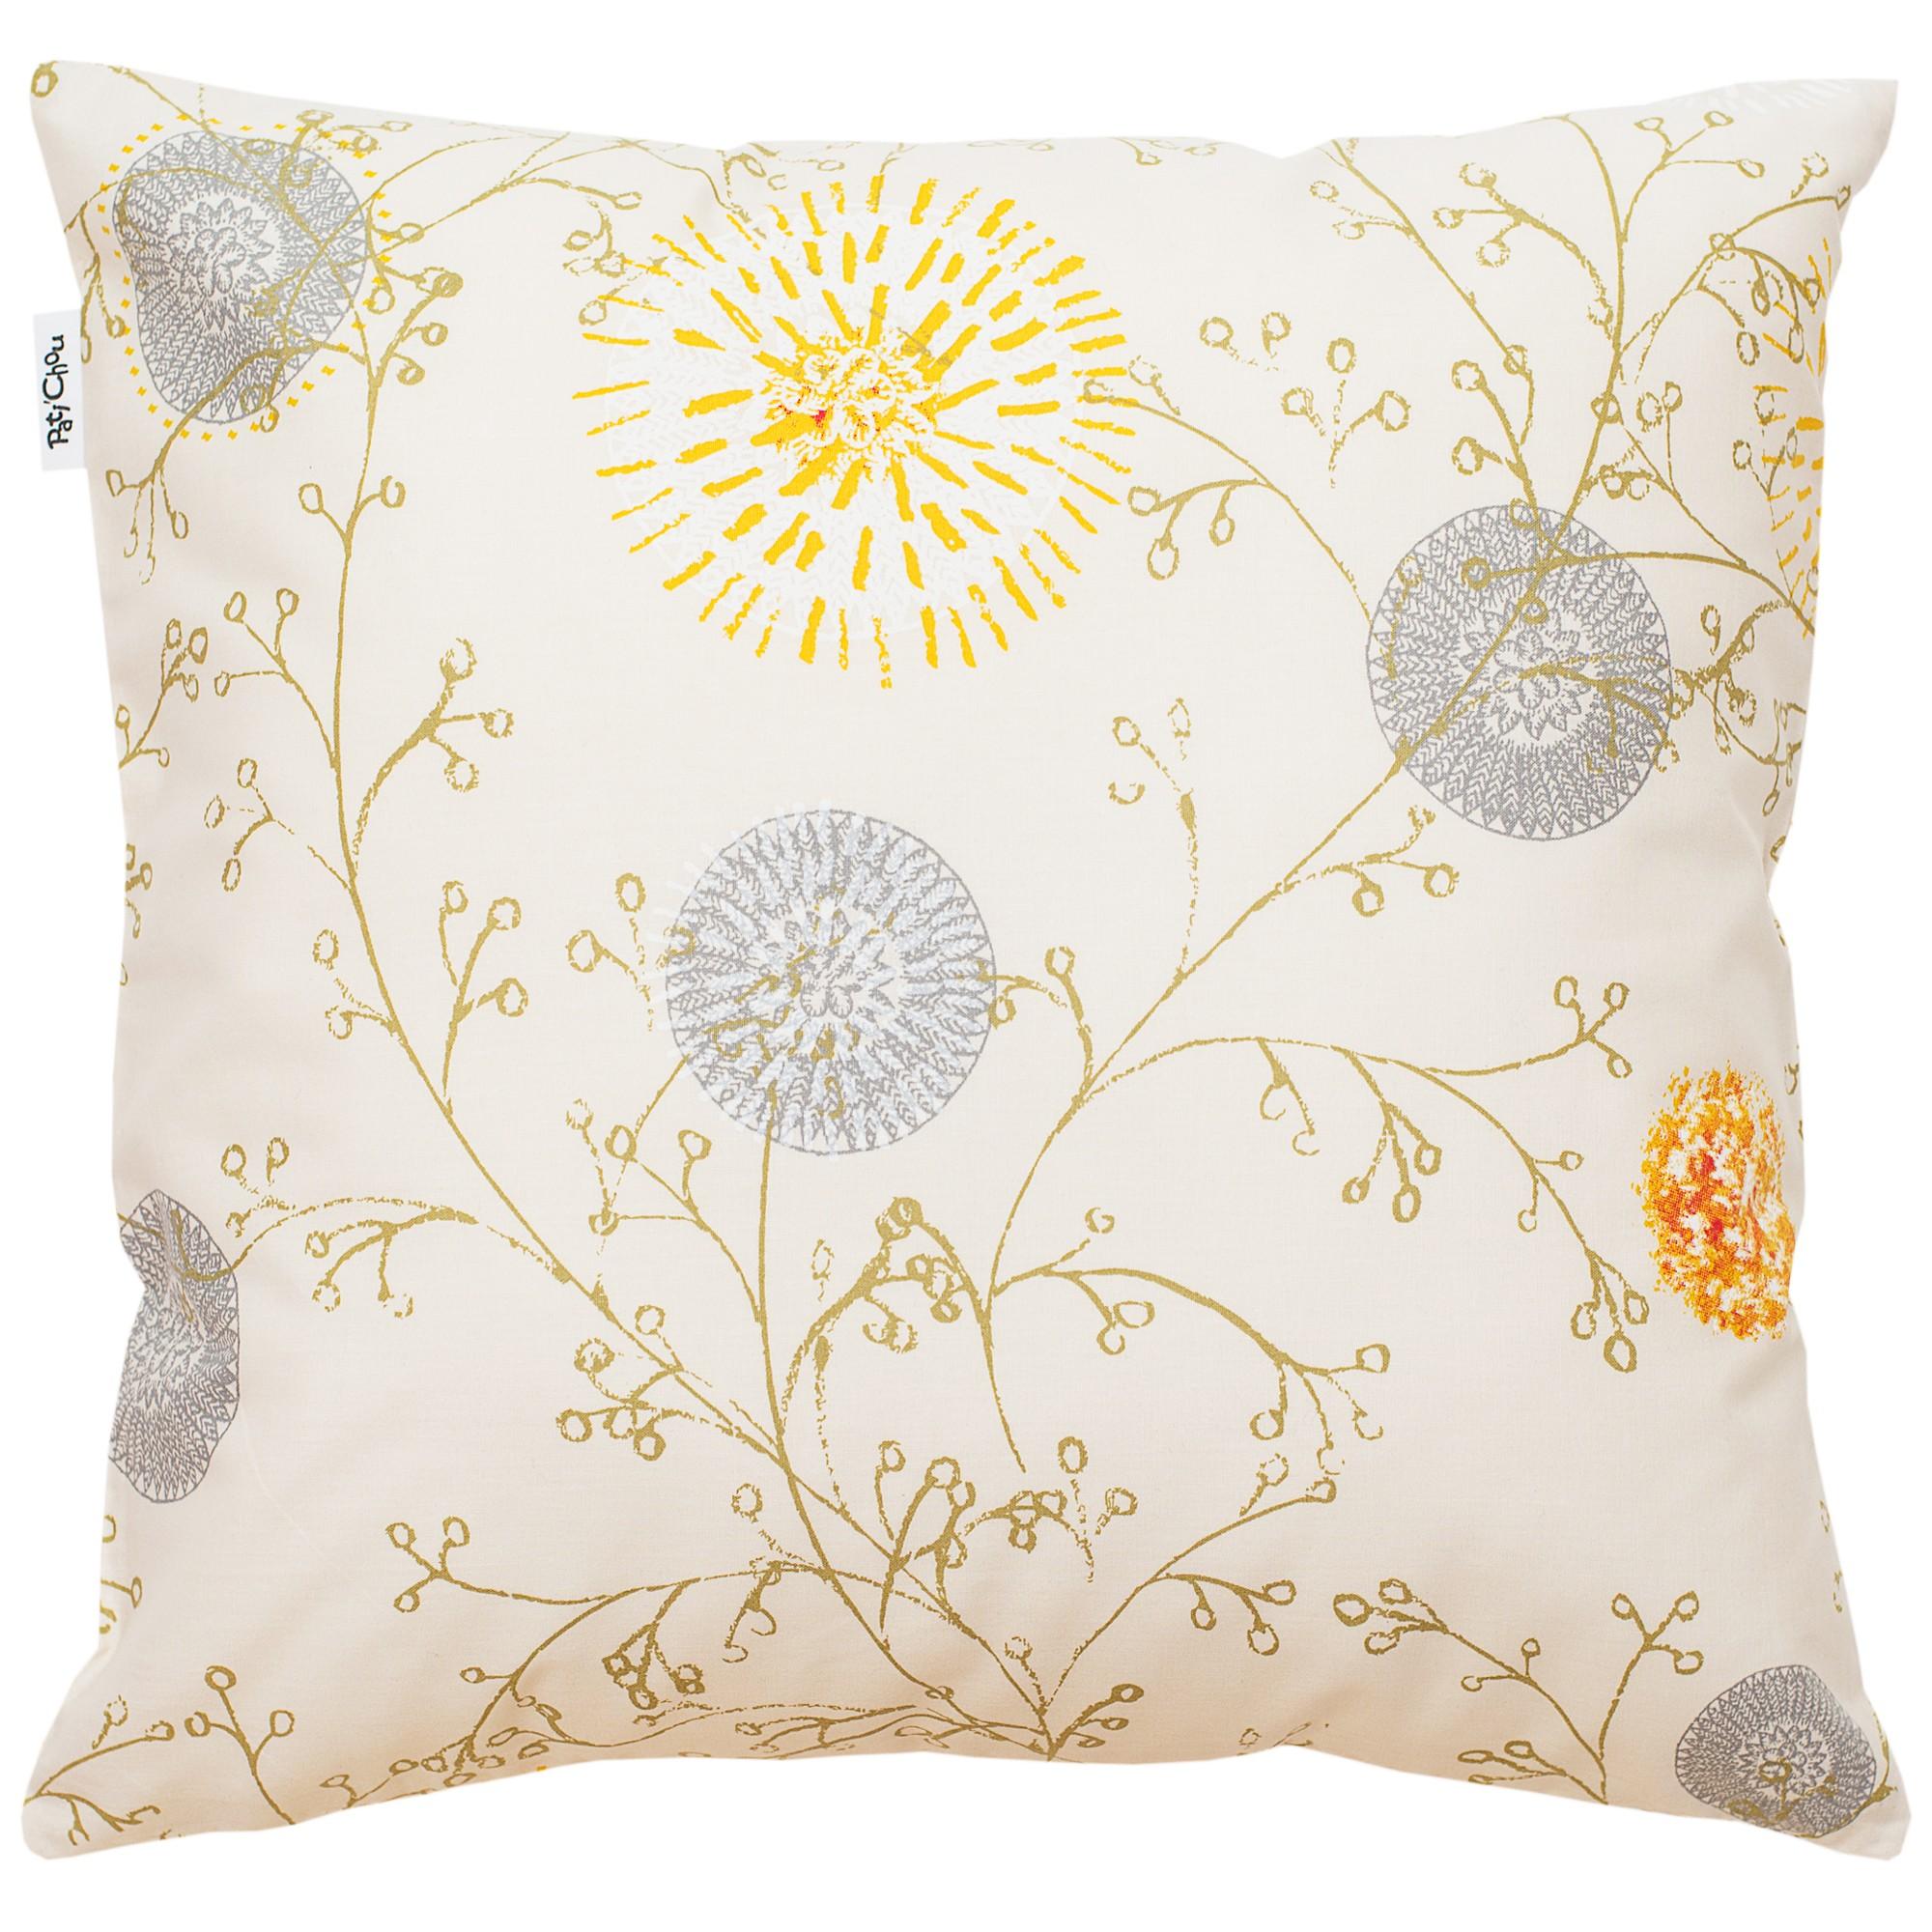 8523aaf4edb94 Sunrise coussin et 100% coton taie décoratif bébé et enfant - SoulBedroom